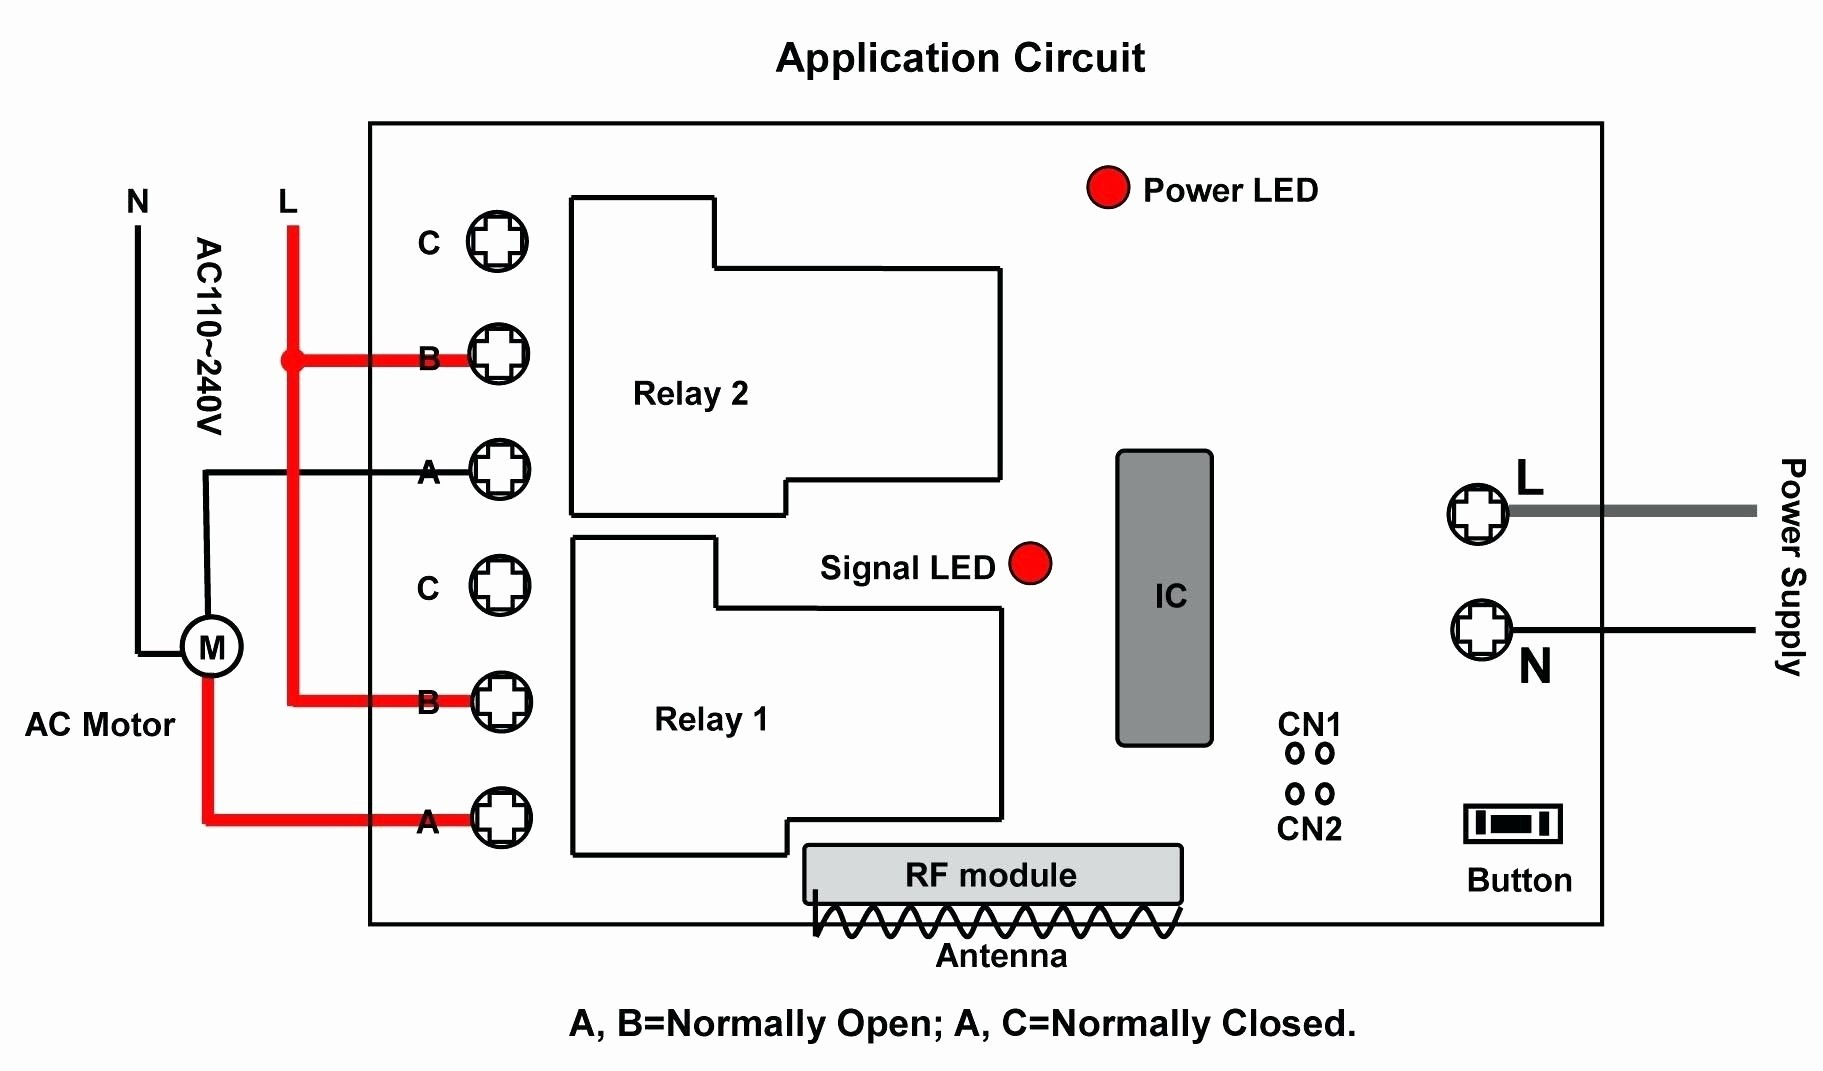 Wiring Diagram Leeson Electric Motor Best Wiring Diagram for Ac Motor New Wiring Diagram Electric Motor